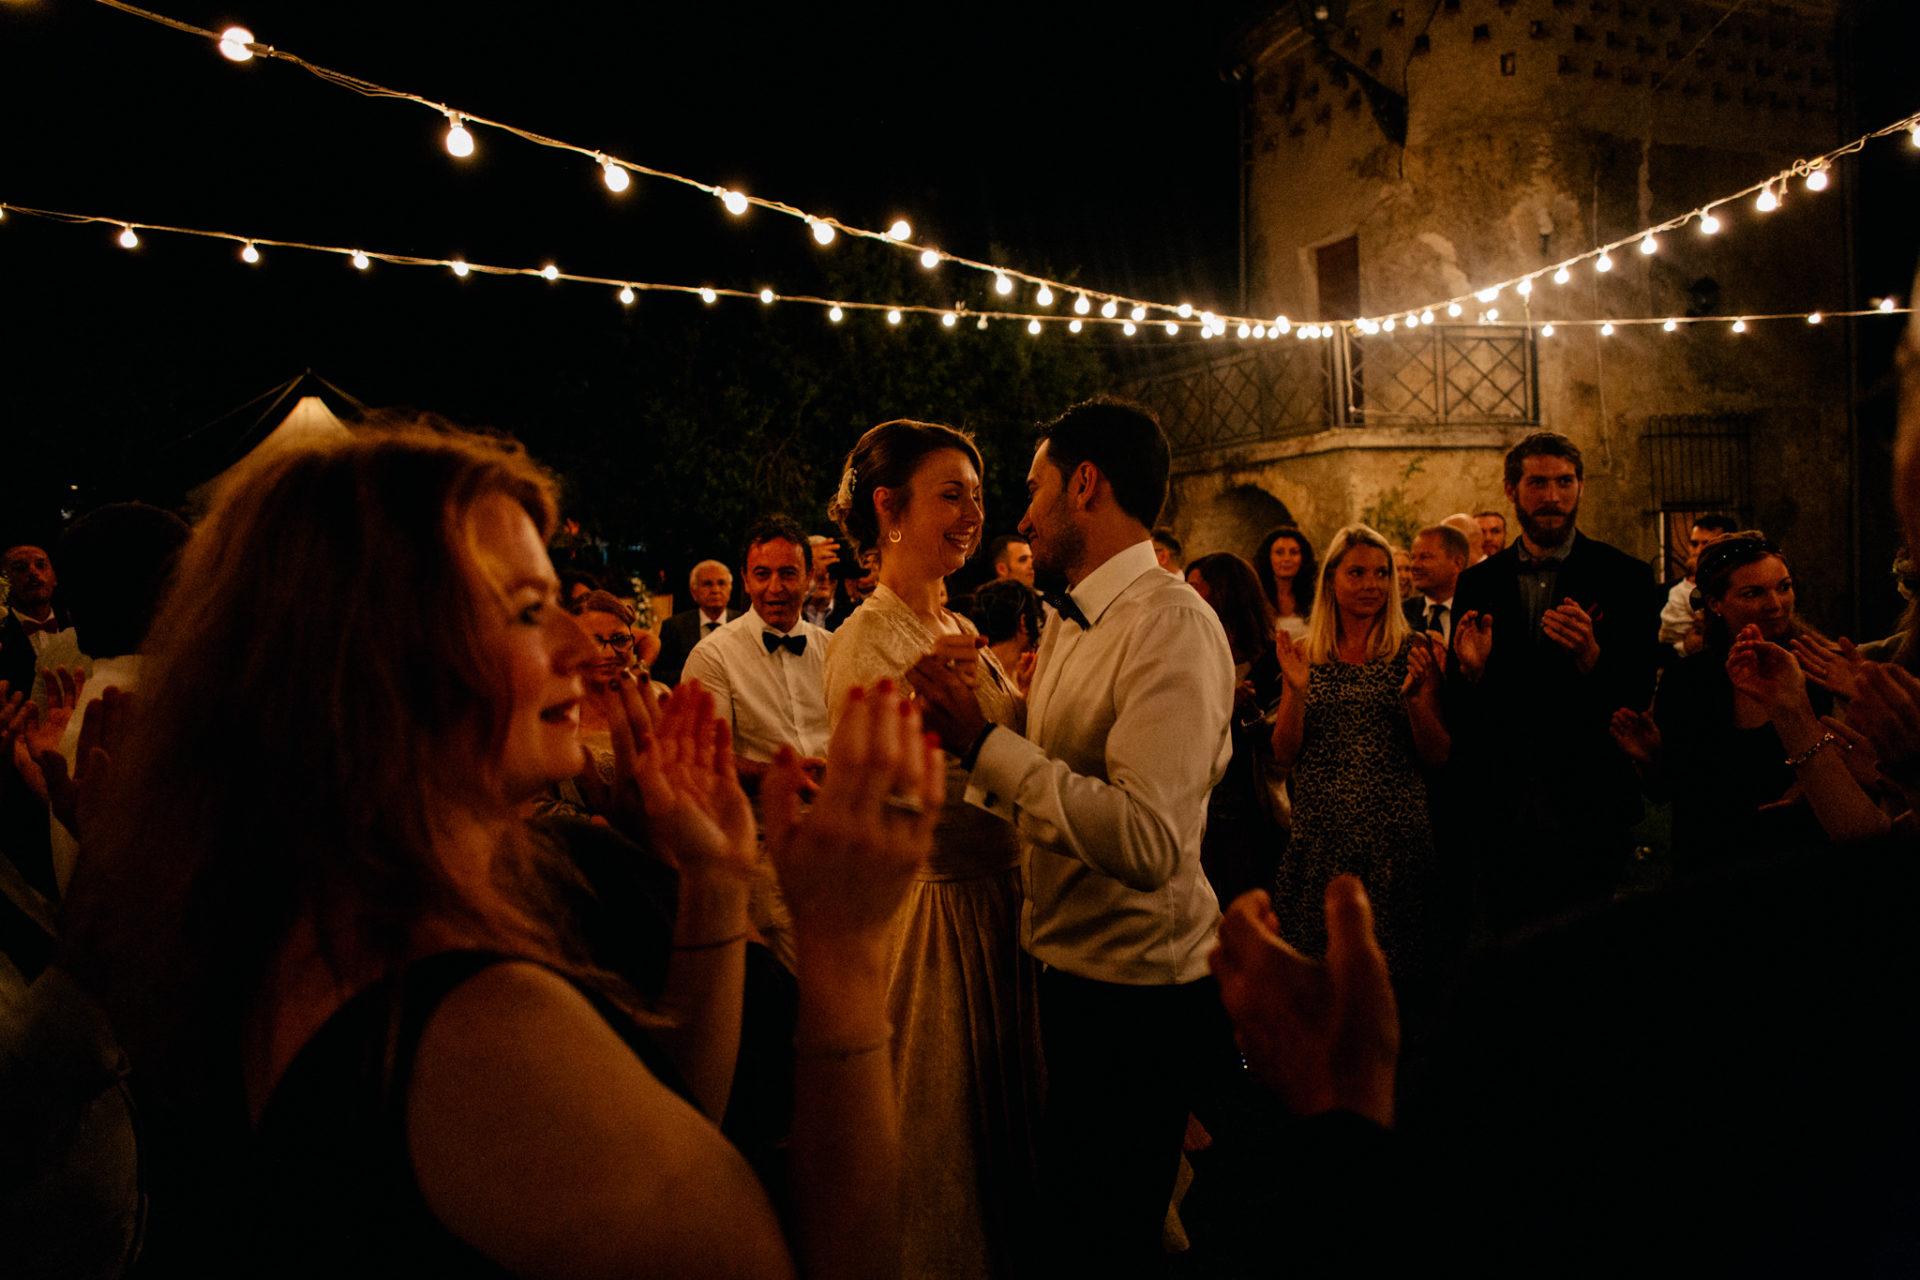 Hochzeitsfotograf Amalfi Küste-heiraten Italien-Hochzeitstanz im freien